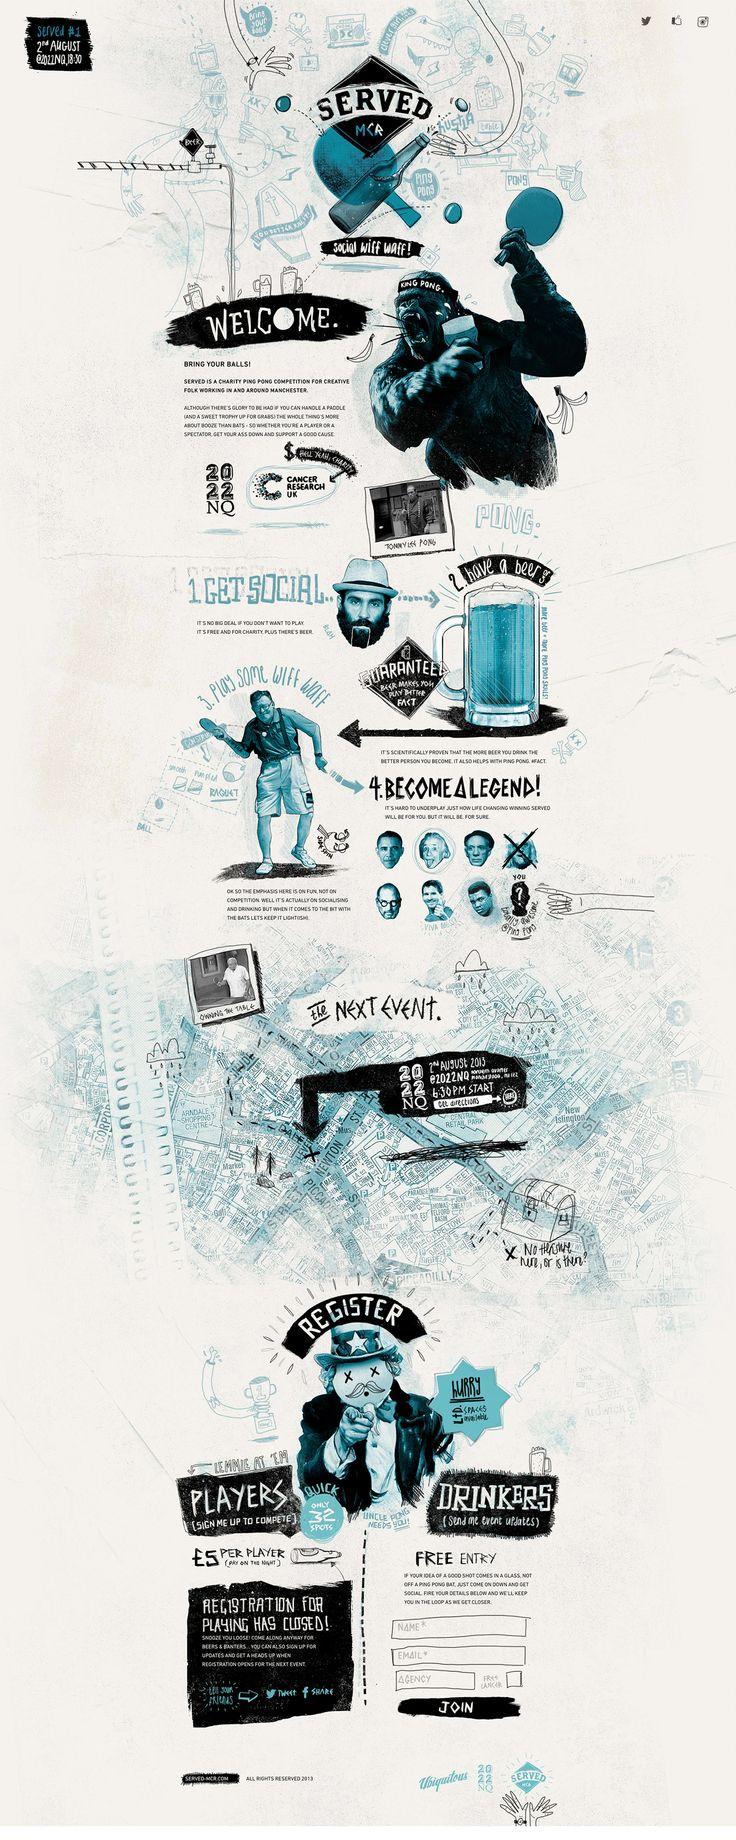 http://www.served-mcr.com/ #webdesign #websitedesign #design #typography #illustrations